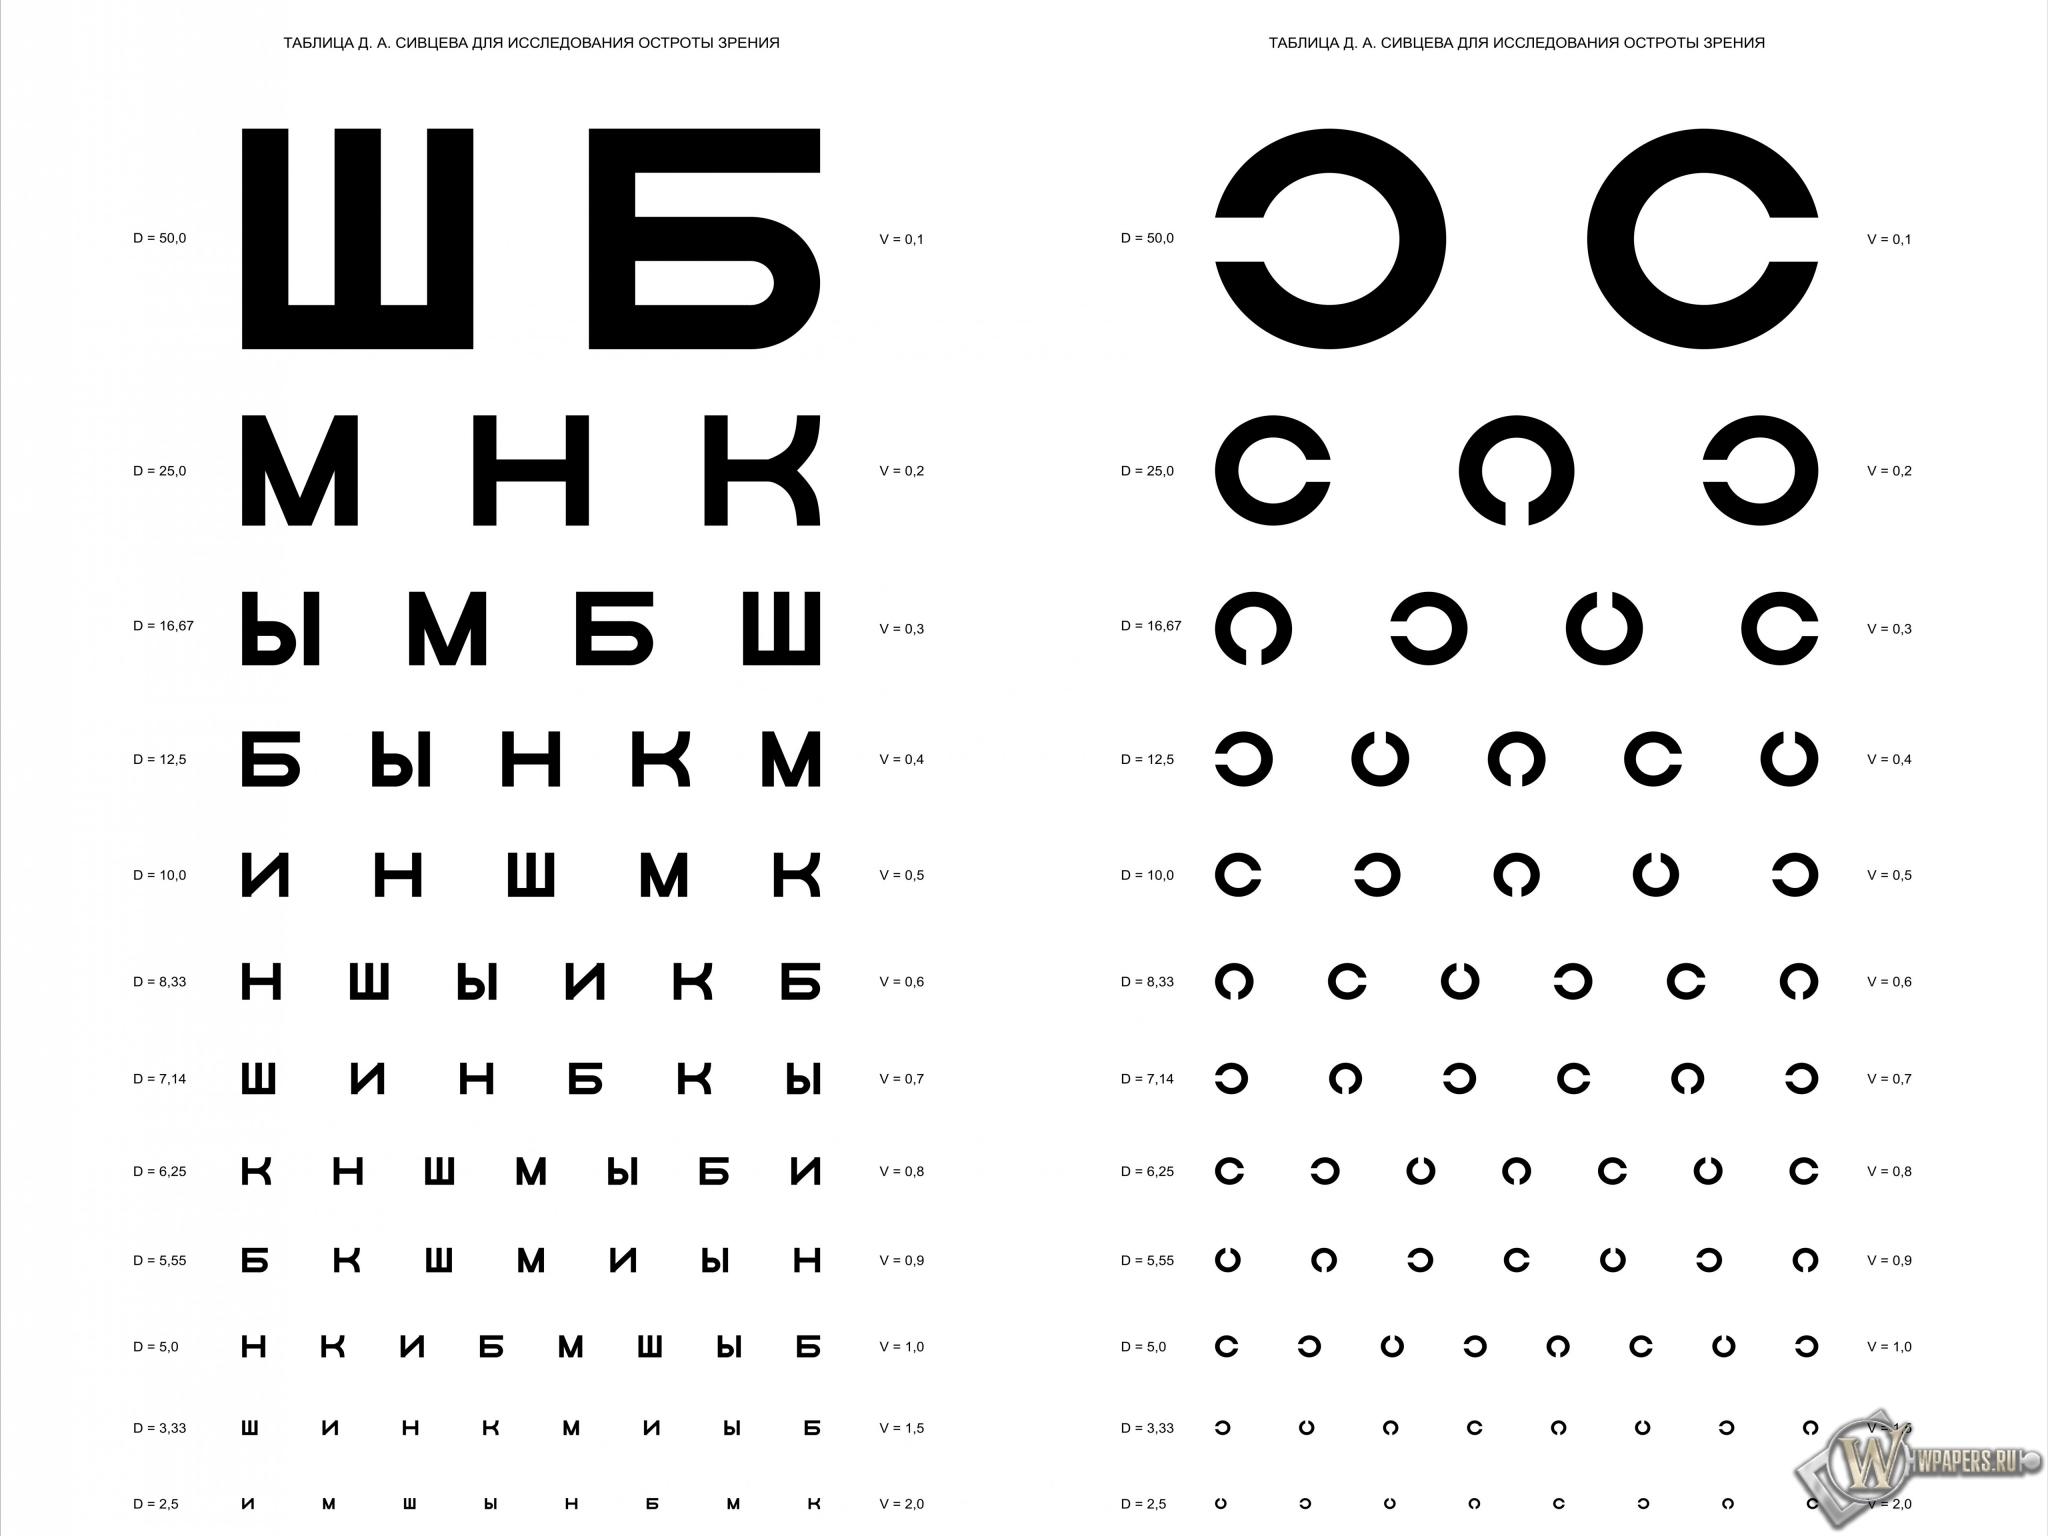 Таблица Д.А. Сивцева для проверки зрения 2048x1536